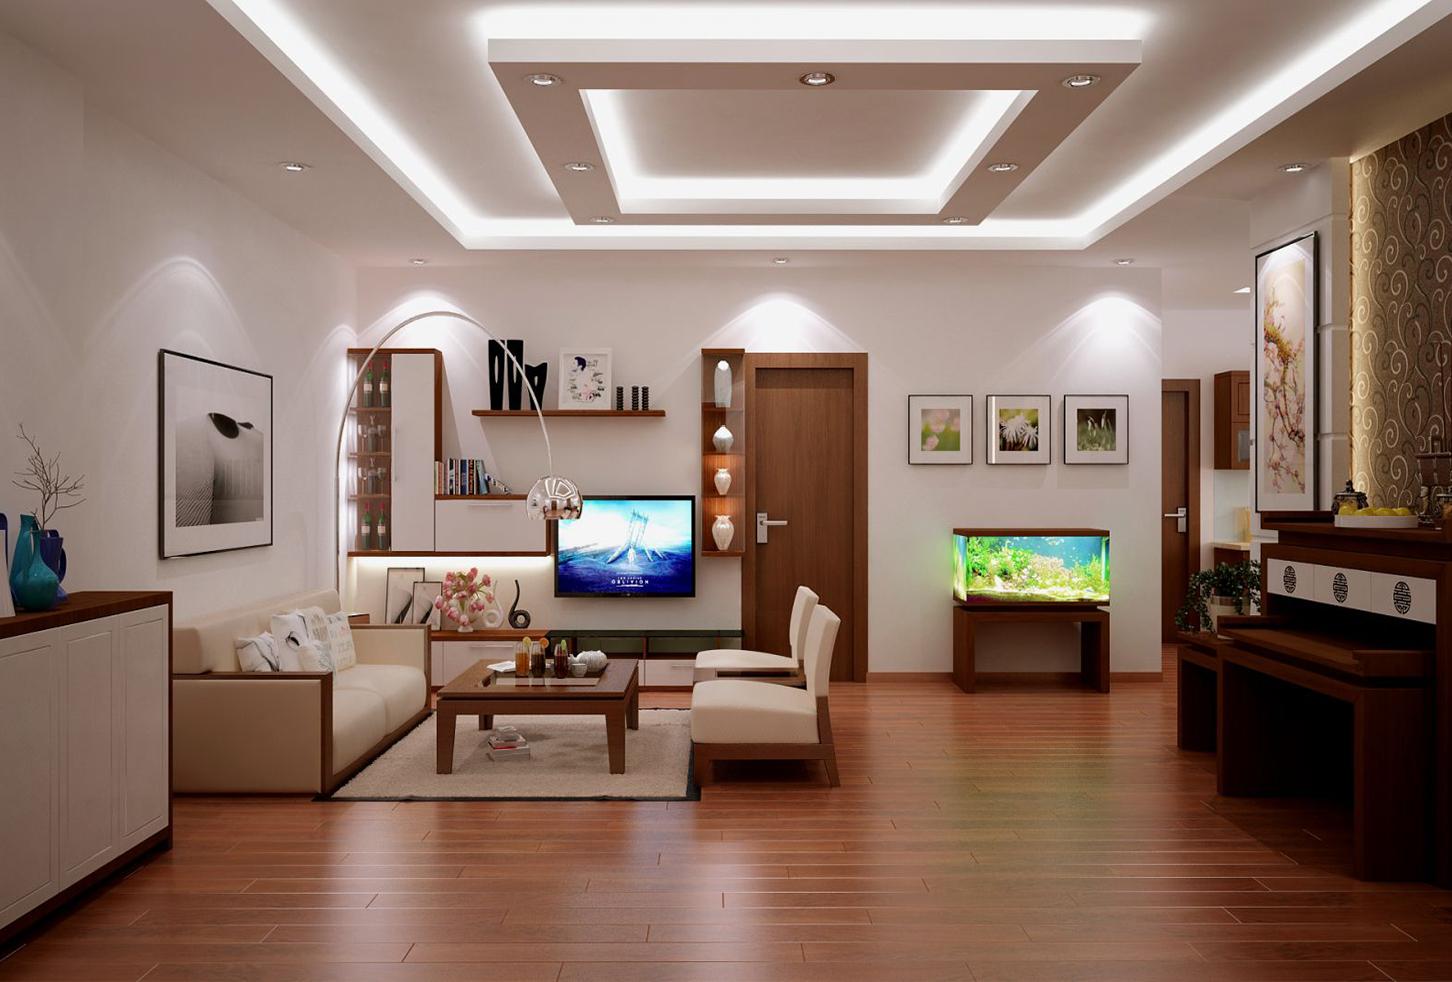 Chất liệu gỗ trong thiết kế thi công nội thất 2